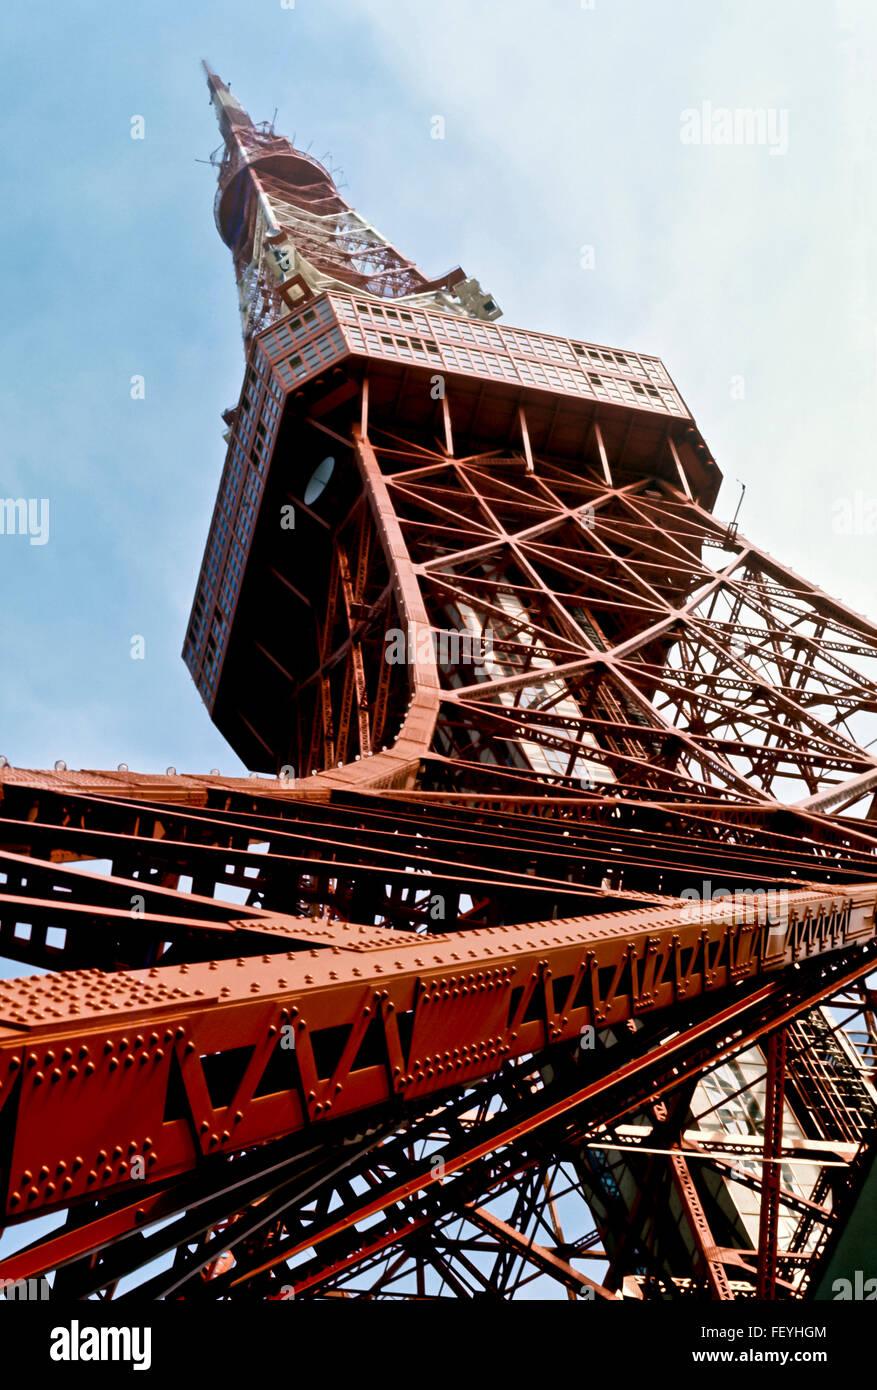 AA 6874. Archivierung der 1960er Jahre, Tokyo Tower, Japan Stockbild